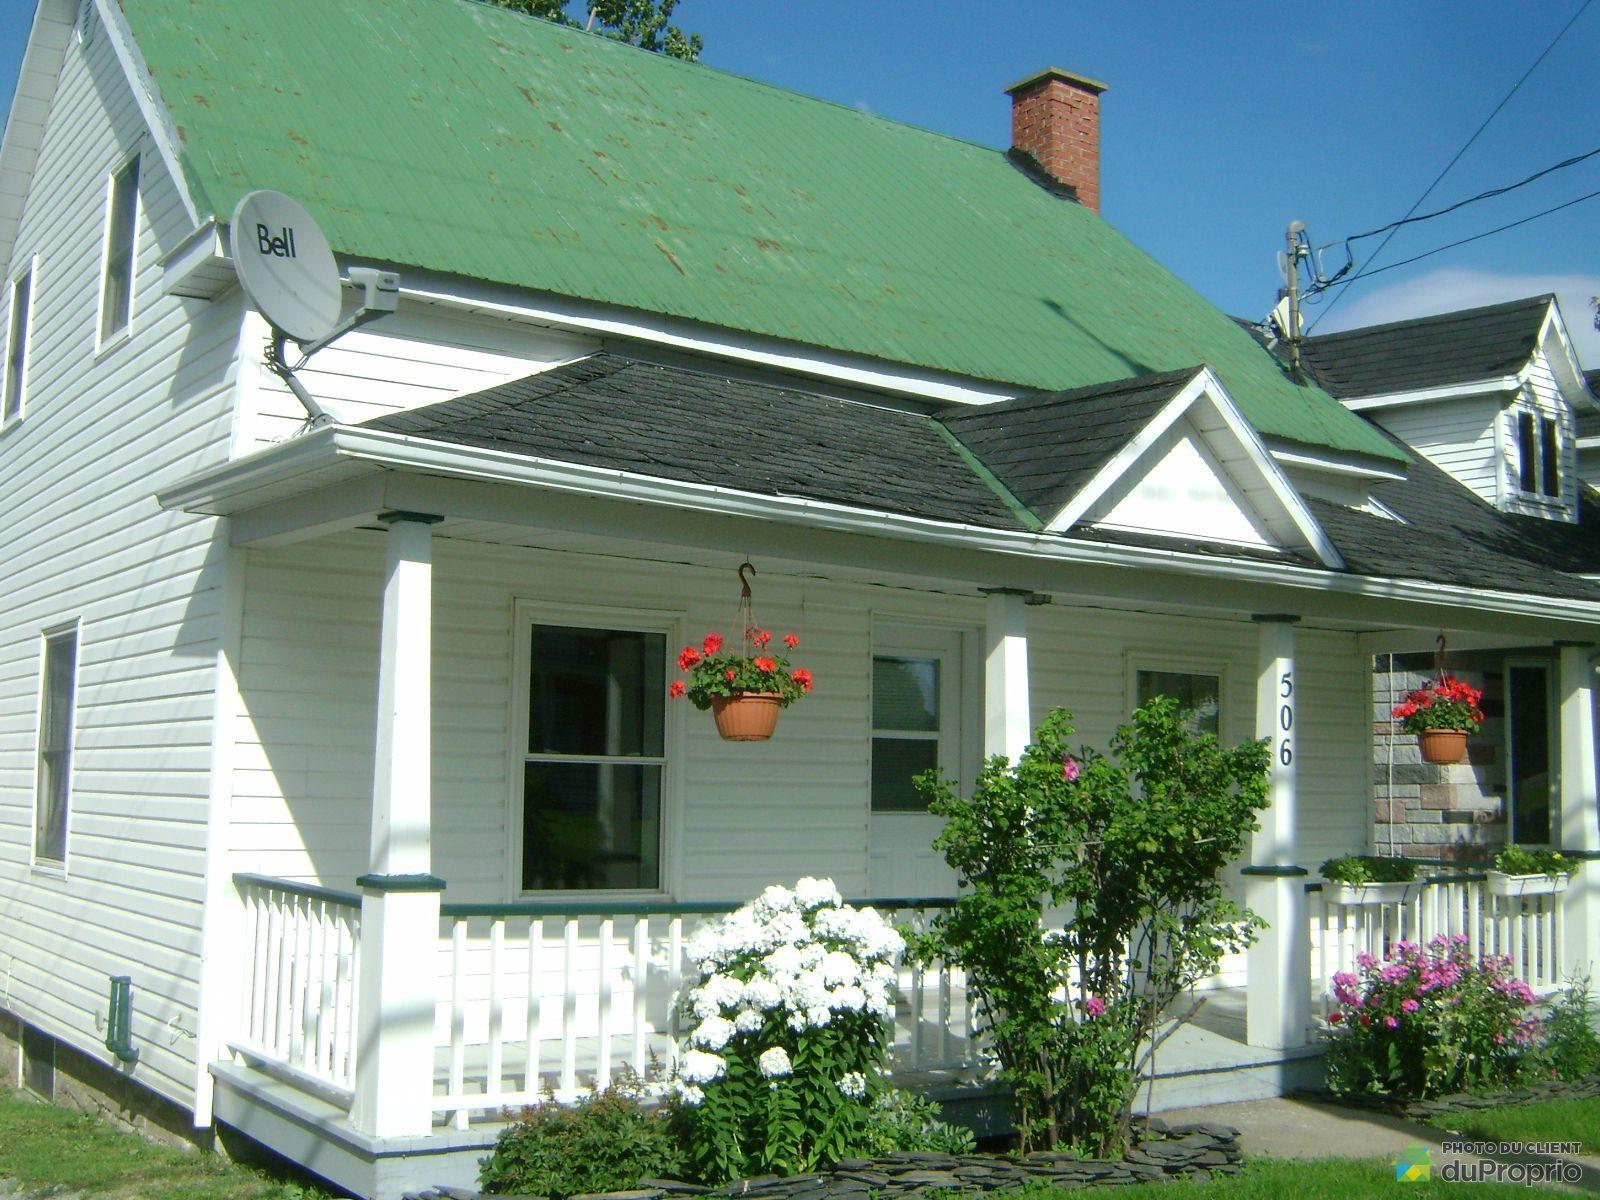 Maison vendre st georges de windsor 506 rue principale for Garage du coteau villeneuve saint georges